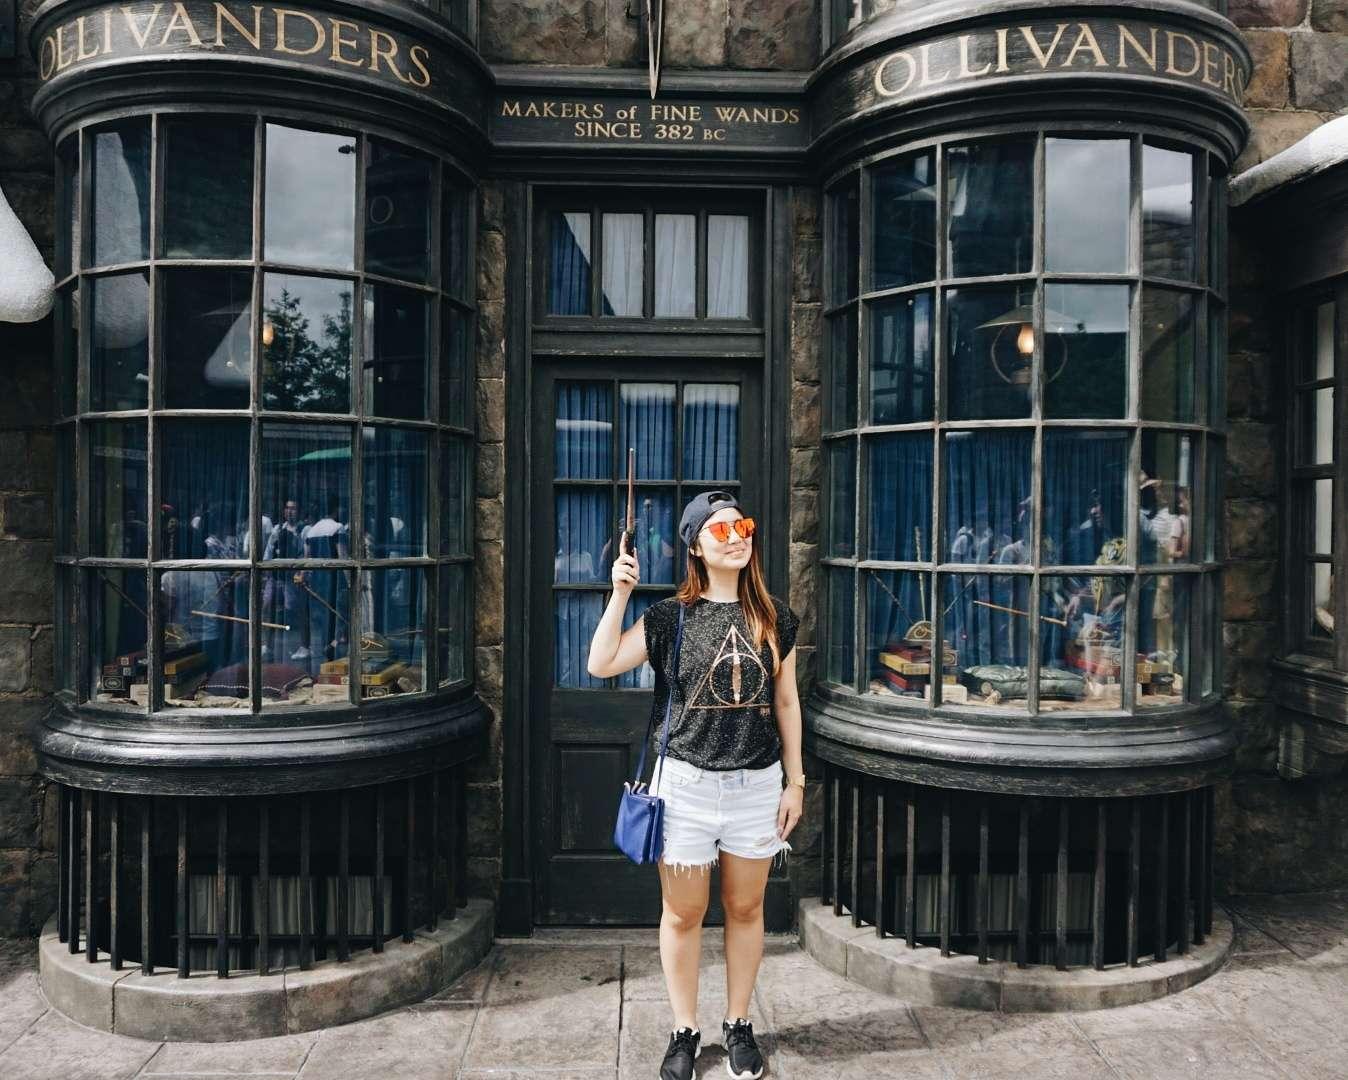 Wizarding World of Harry Potter - Ollivanders